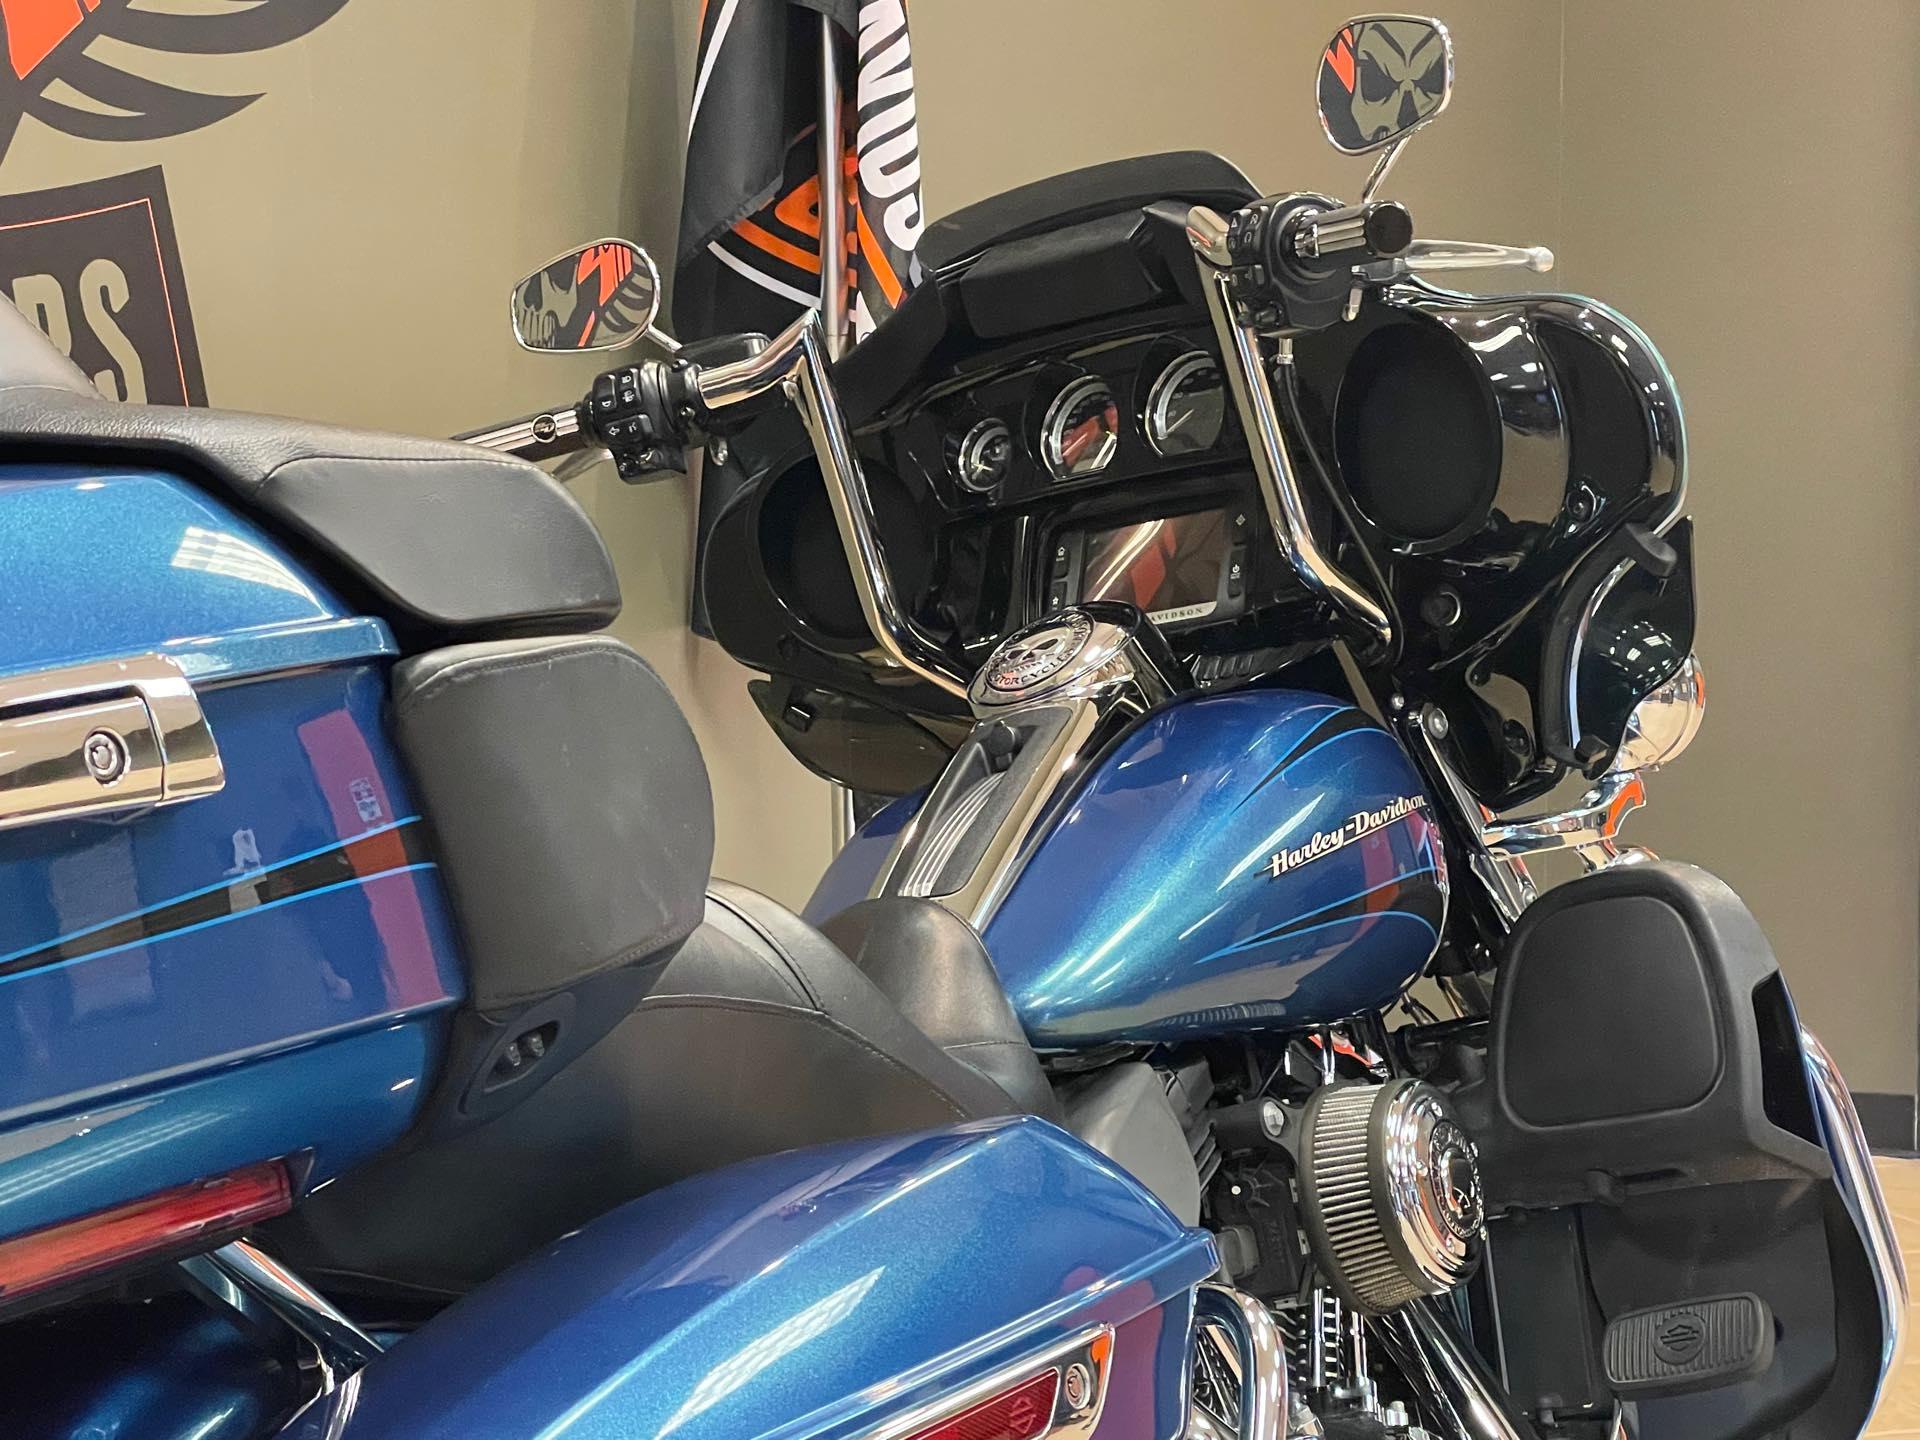 2014 Harley-Davidson Electra Glide Ultra Limited at Loess Hills Harley-Davidson